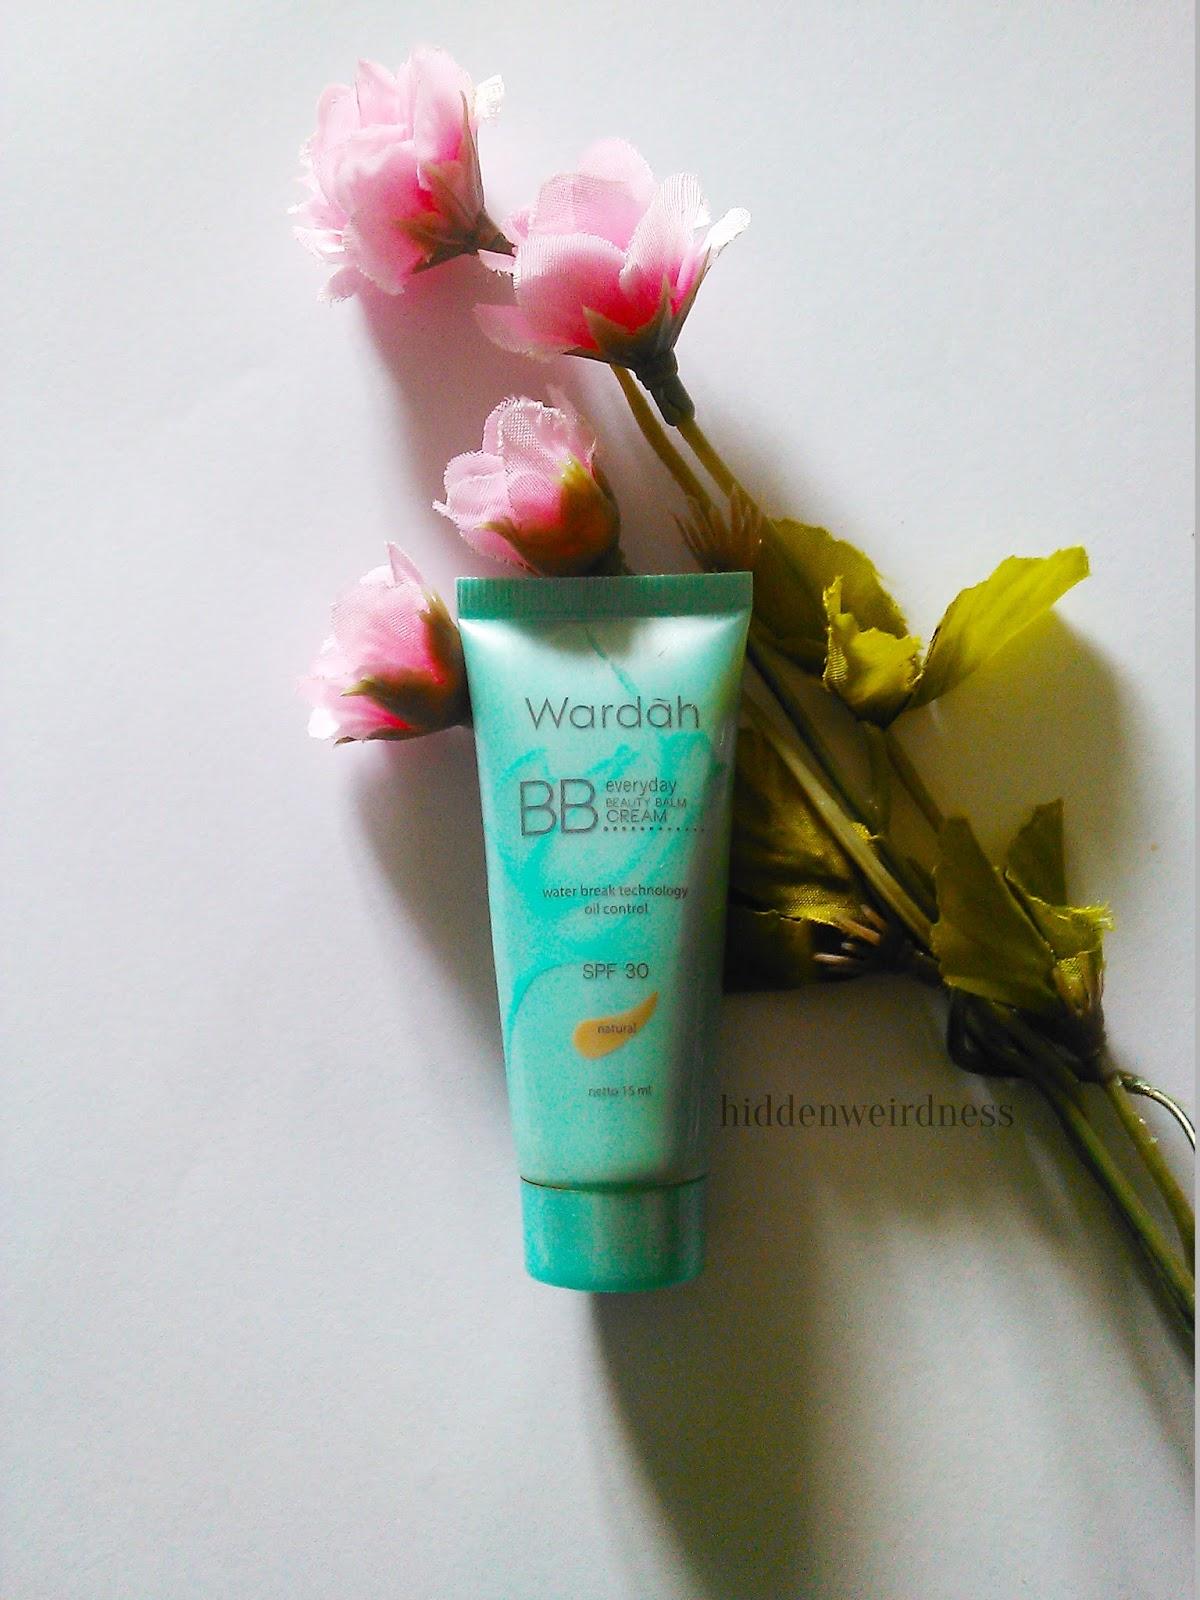 Wardah Everyday Bb Cream Hidden Weirdness In Natural